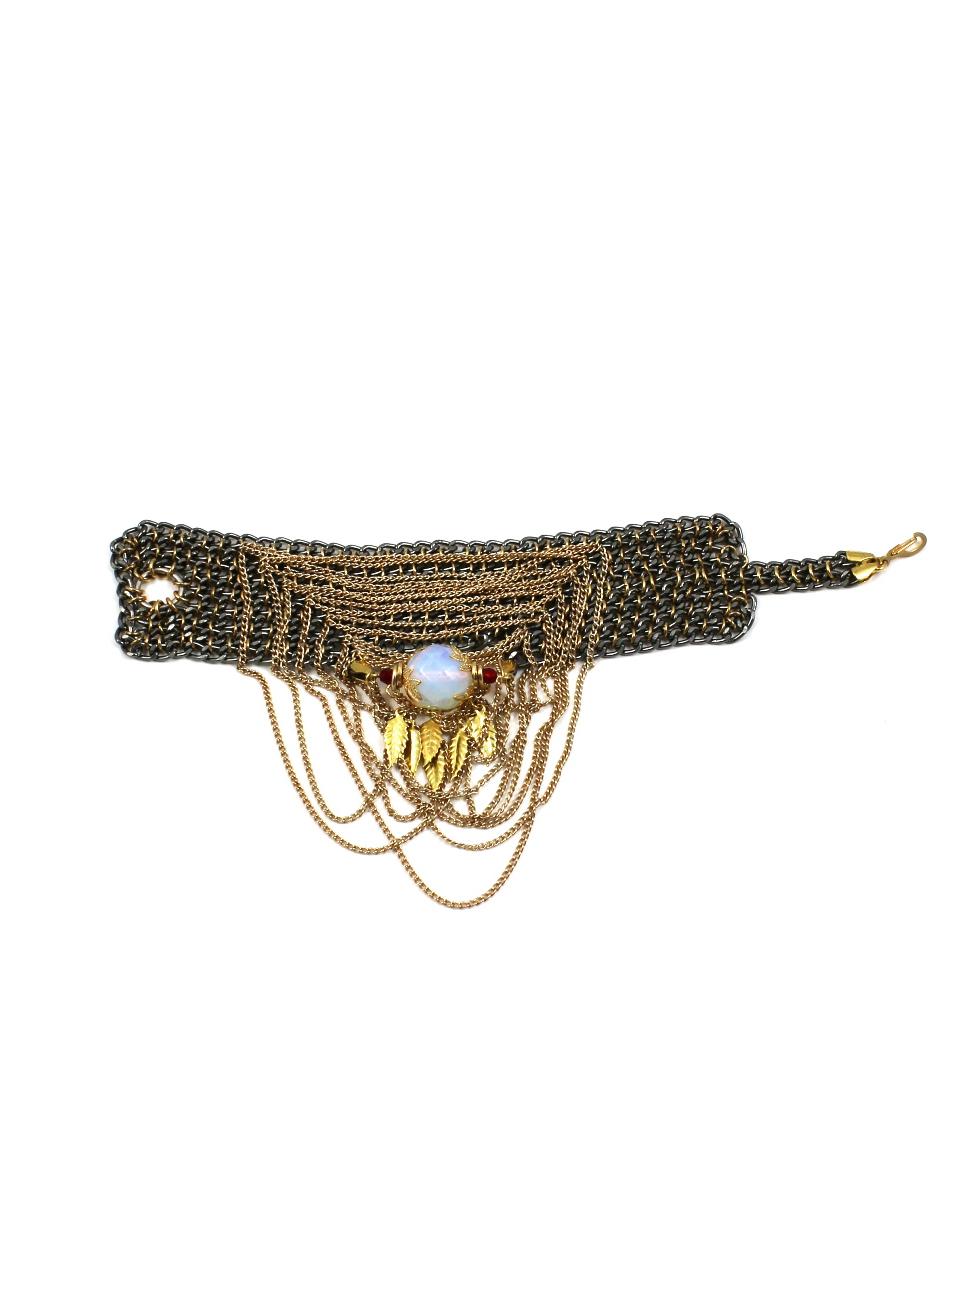 034 Chain Dangle Bracelet.jpg